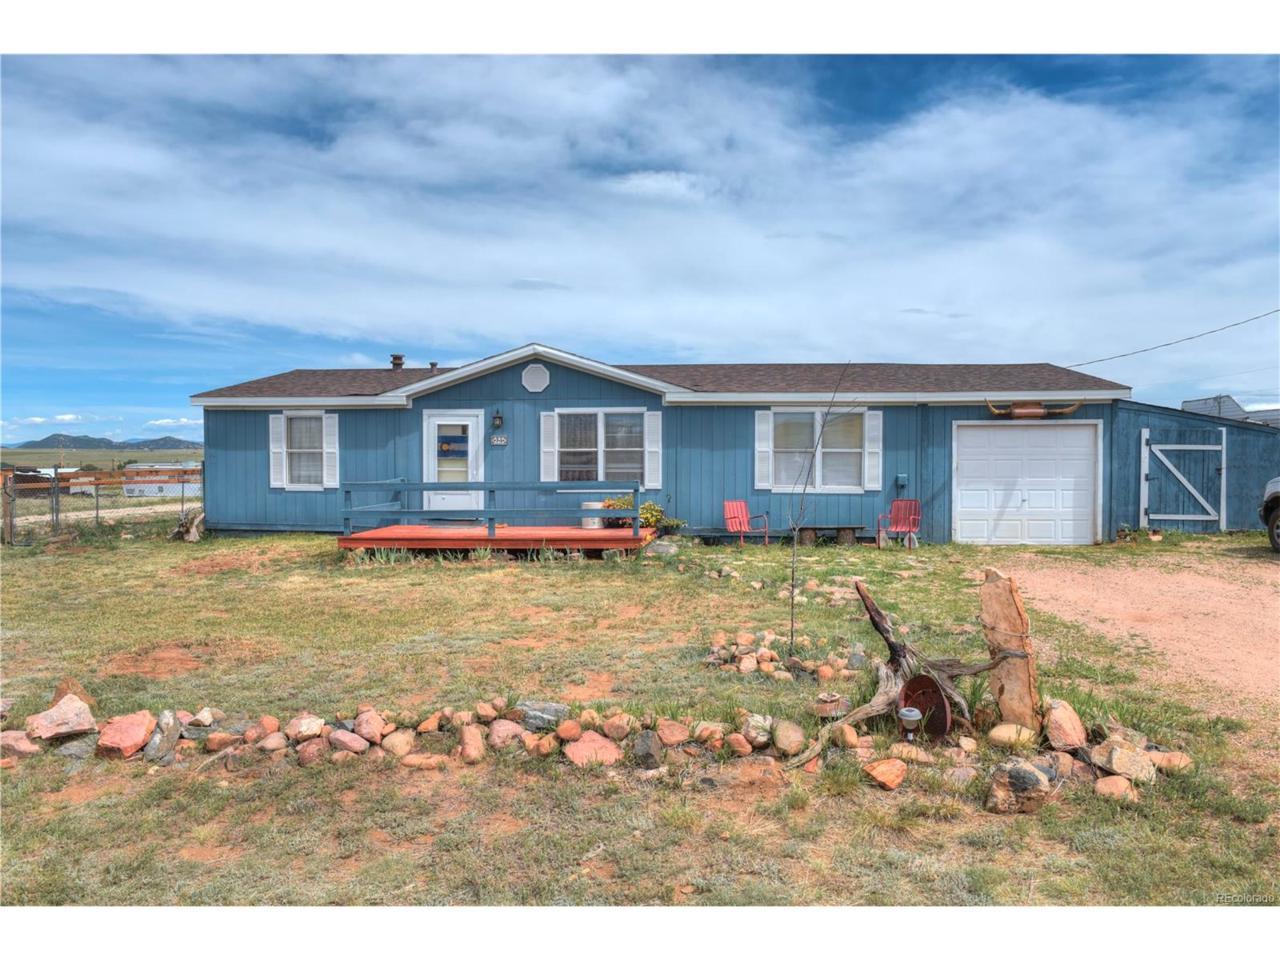 73 Mc Carty Avenue, Westcliffe, CO 81252 (MLS #5210853) :: 8z Real Estate